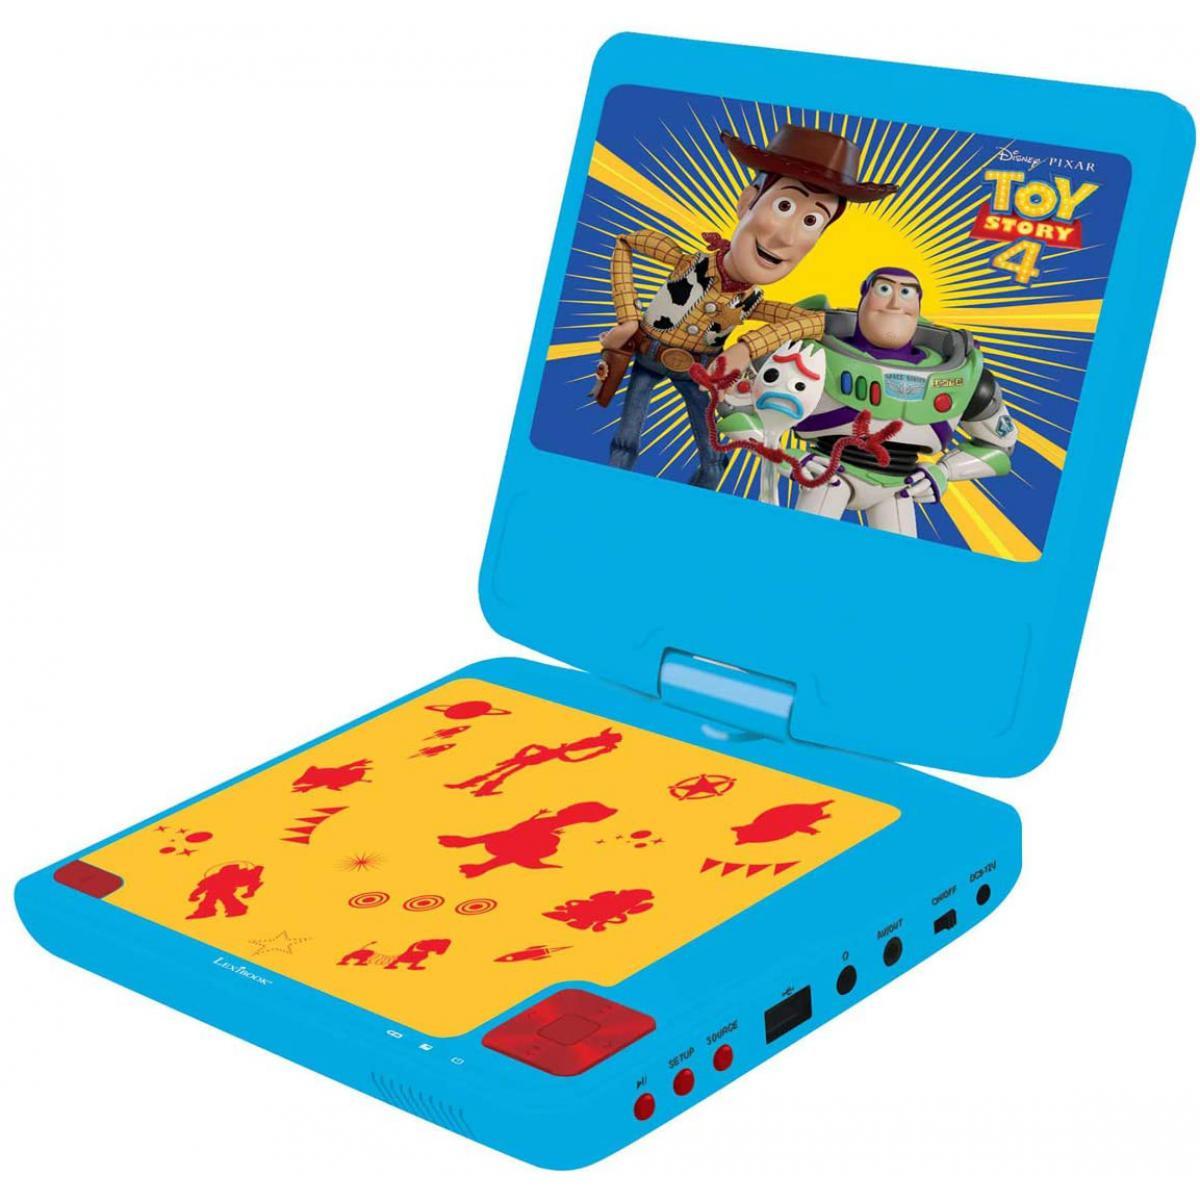 lexibook lecteur DVD Portable avec écran LCD et haut parleur Disney Toy Story 4 bleu jaune